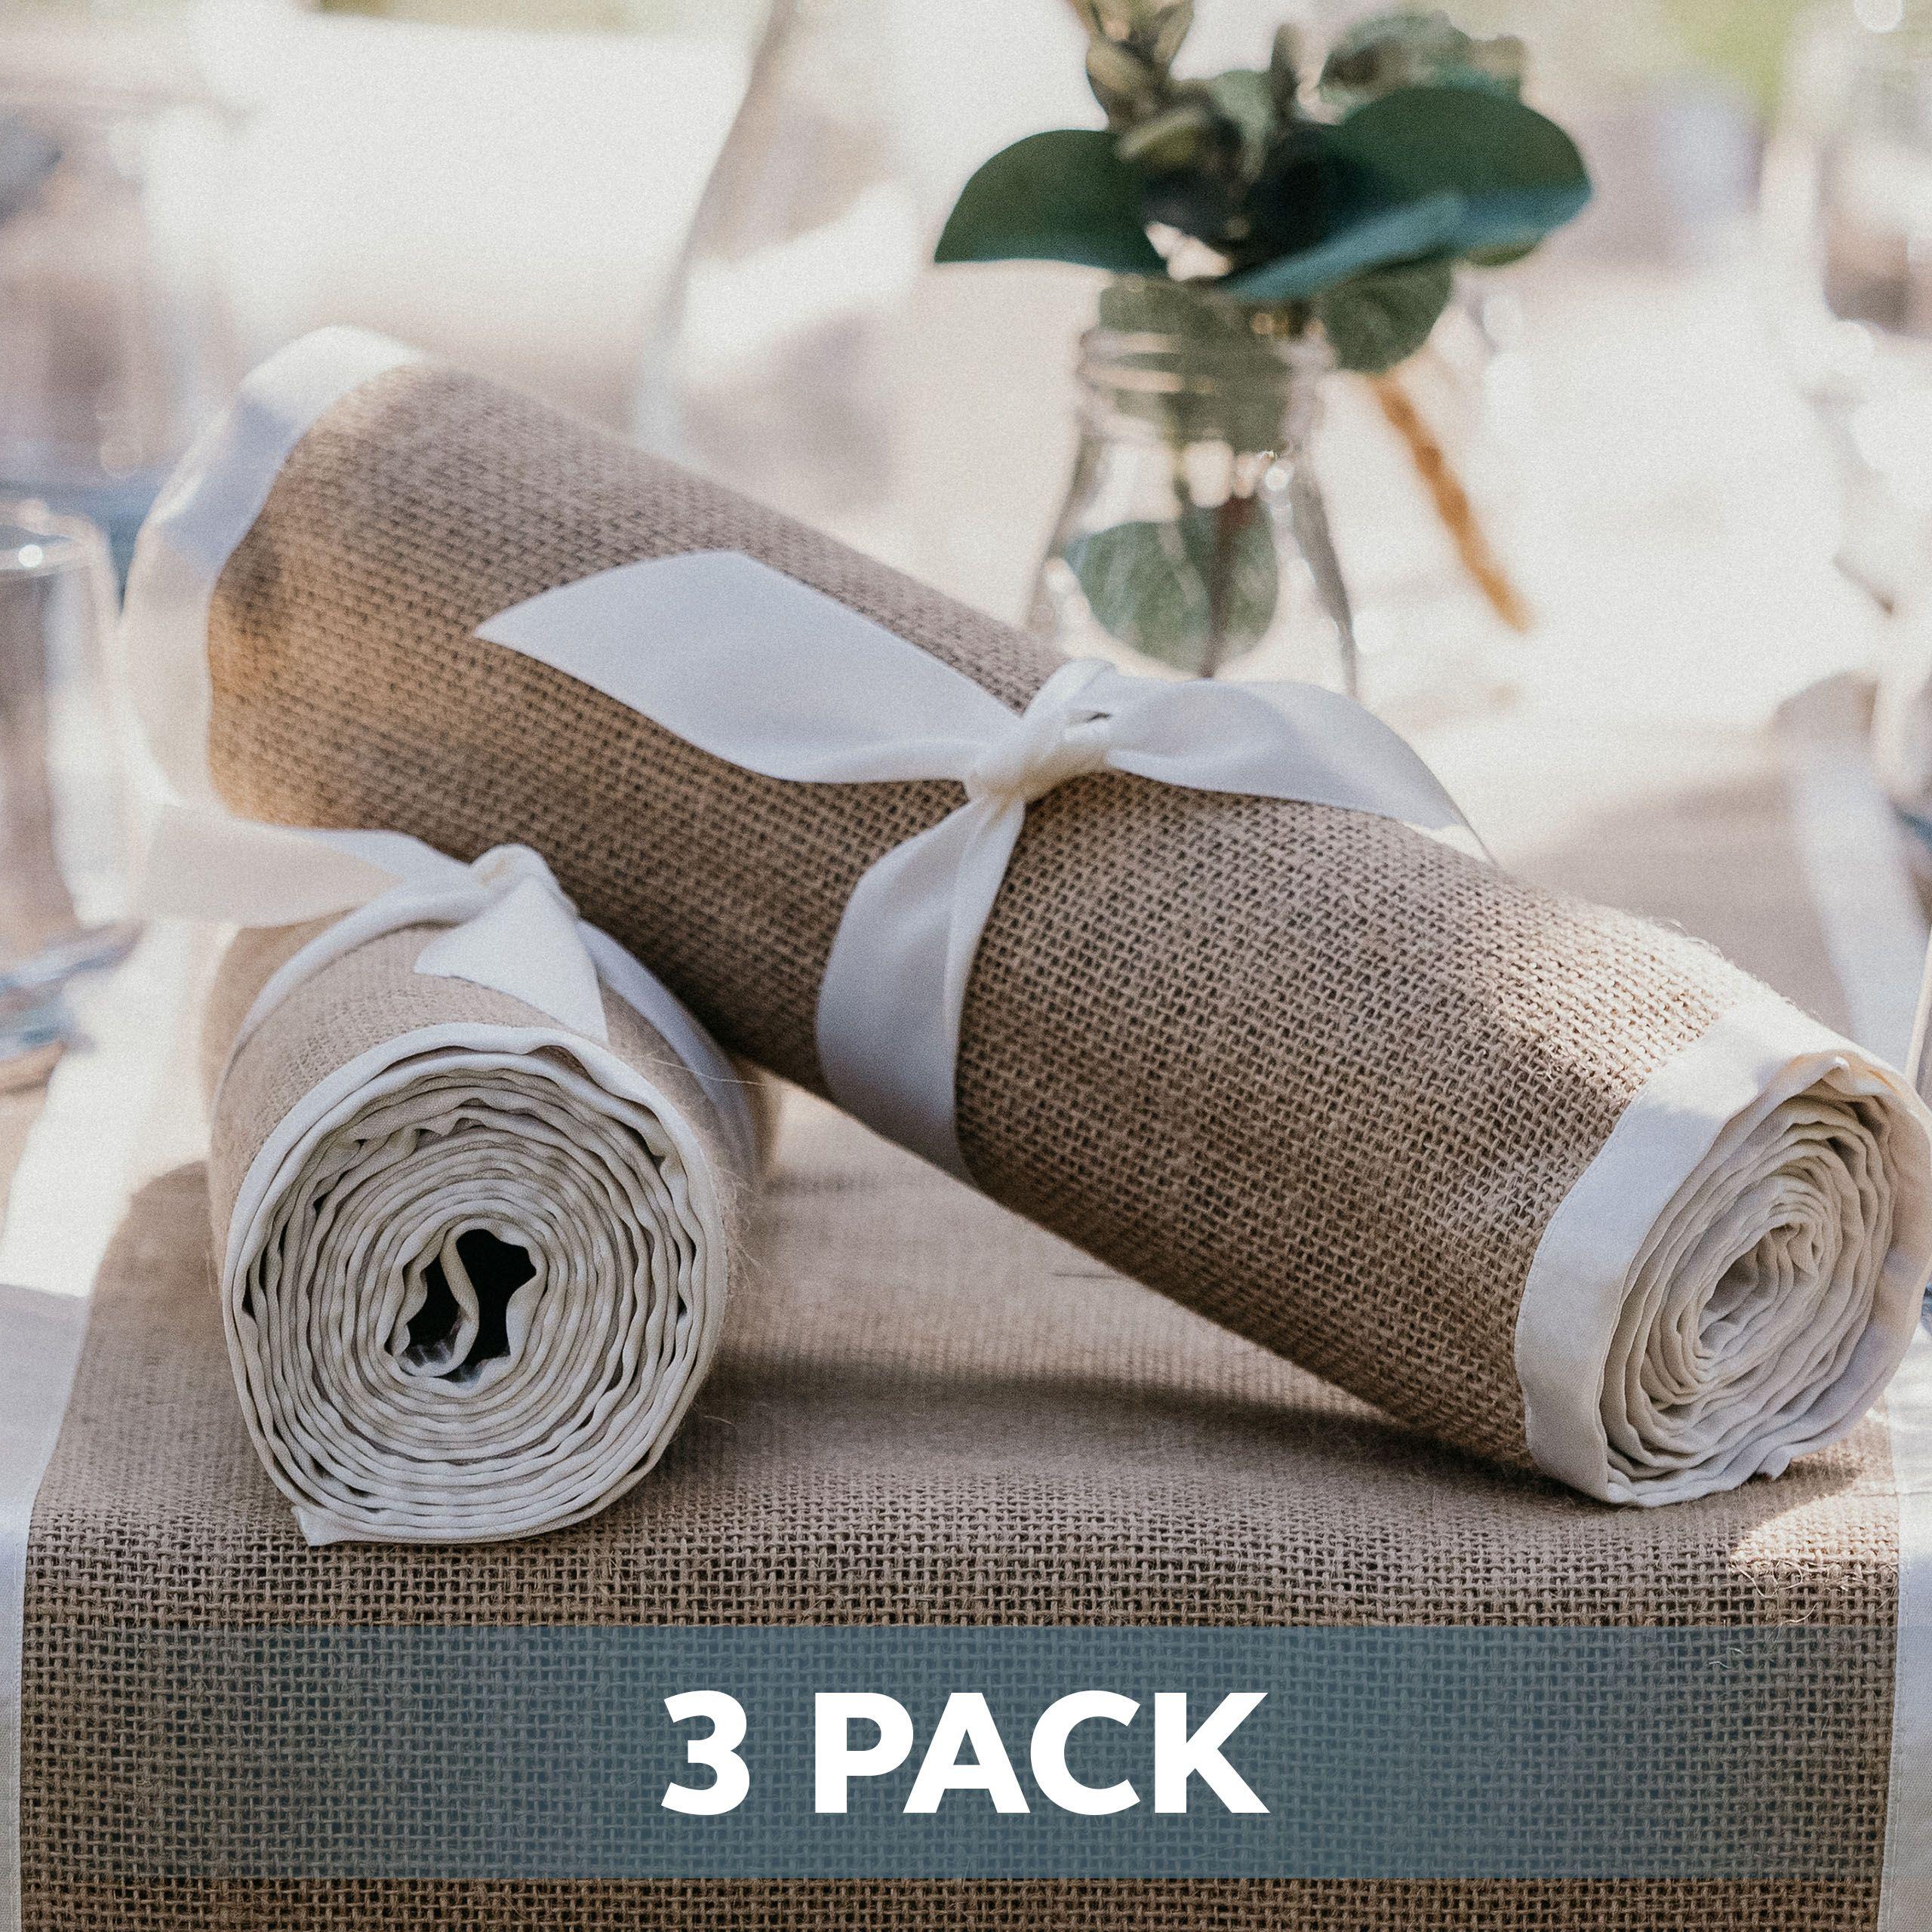 3 X Pack Burlap Table Runner Natural Burlap Fabric